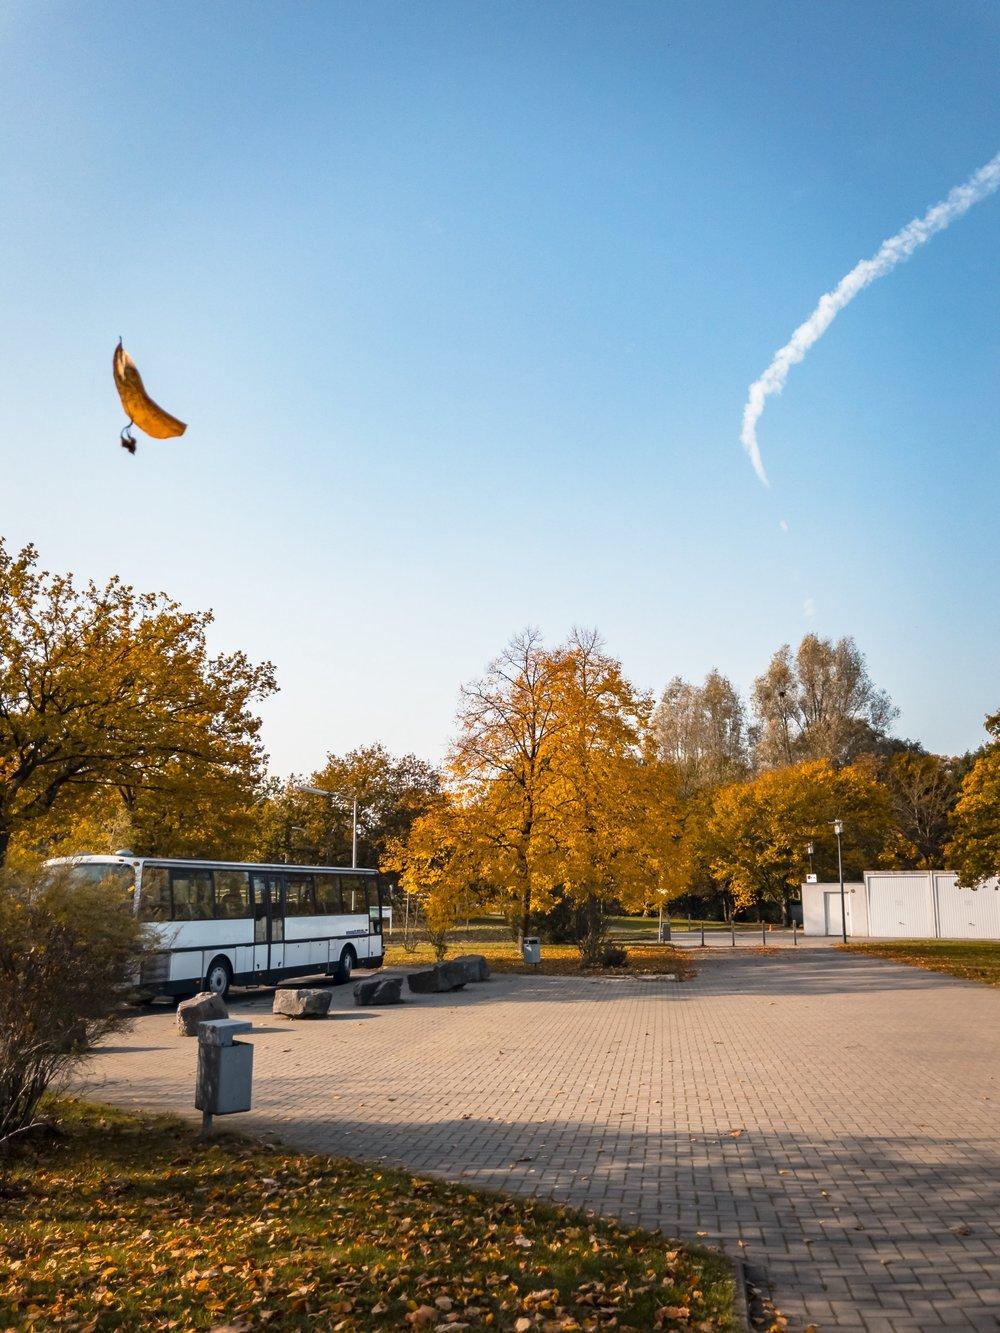 APC_0411-hdr - Herbst ShotoniPhone Autumn Blätter Leaves Sun Sonne Light Threes Licht Bäume Baum Stadt Osnabrück.jpg